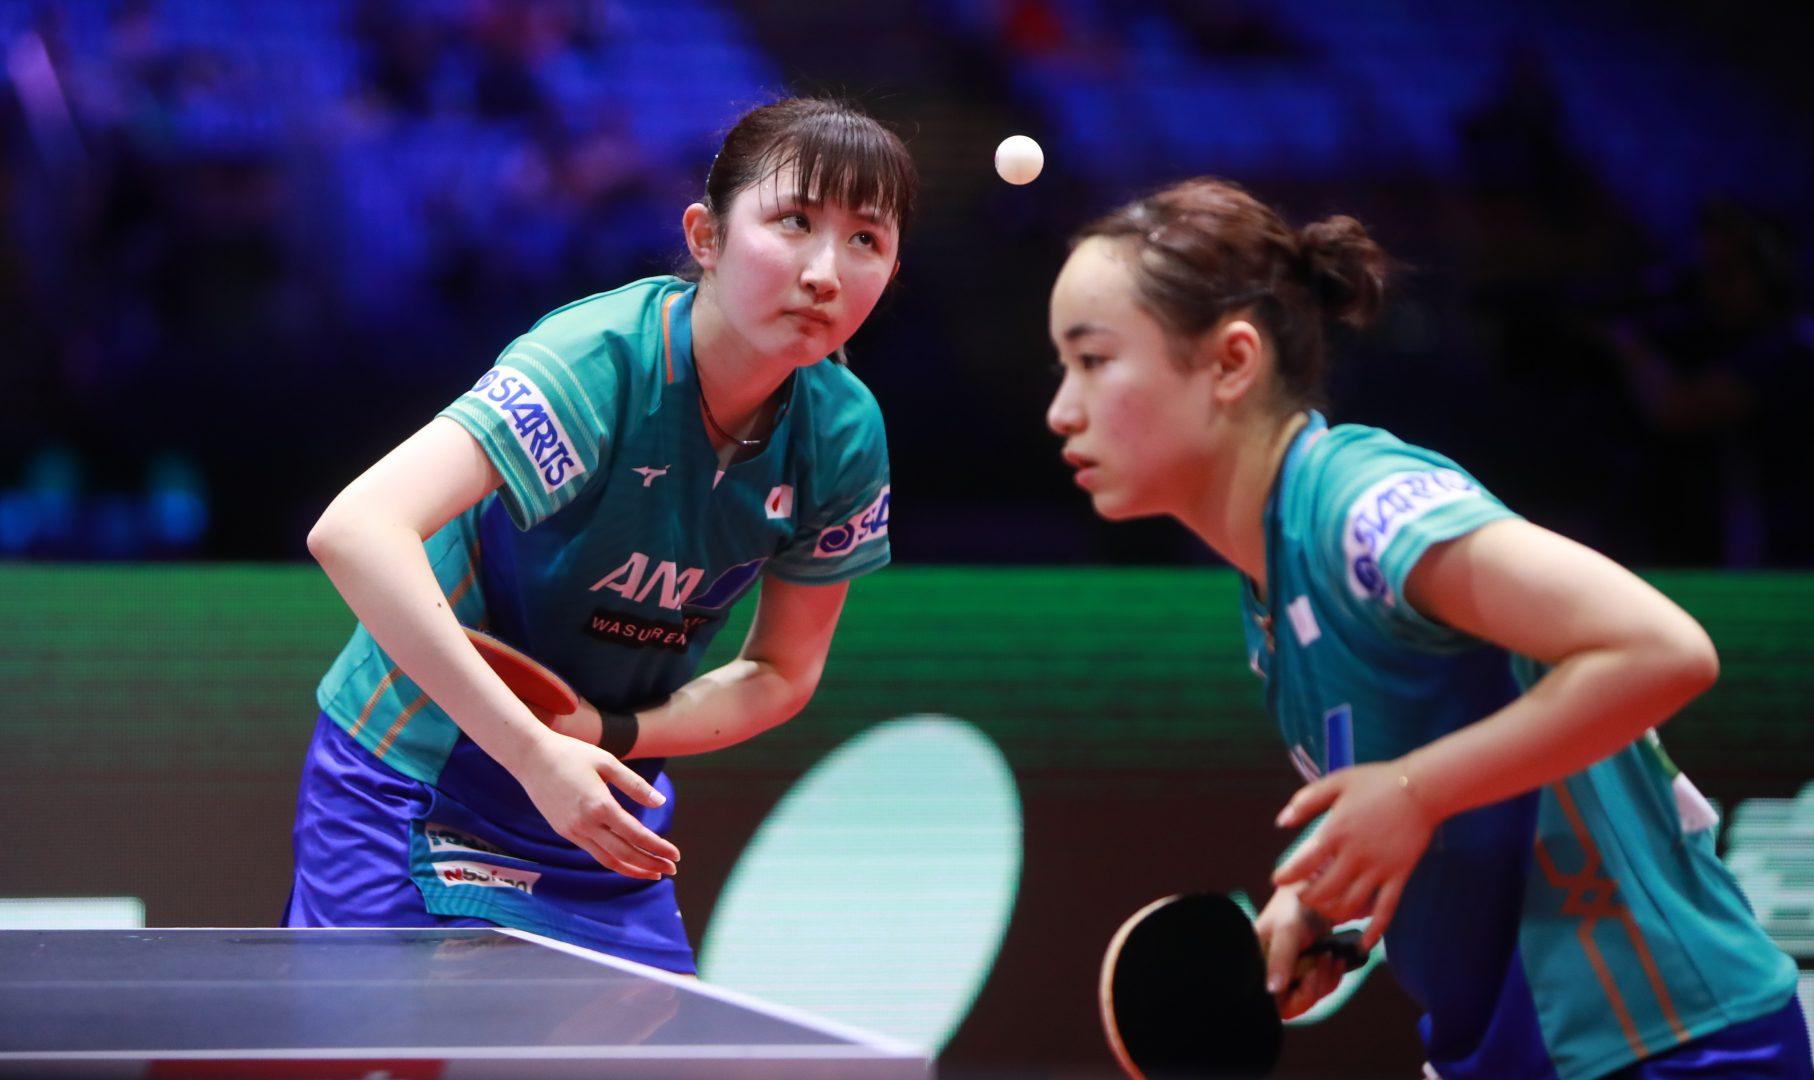 2023年世界卓球開催地はどこに?南アフリカ含む4か国が立候補